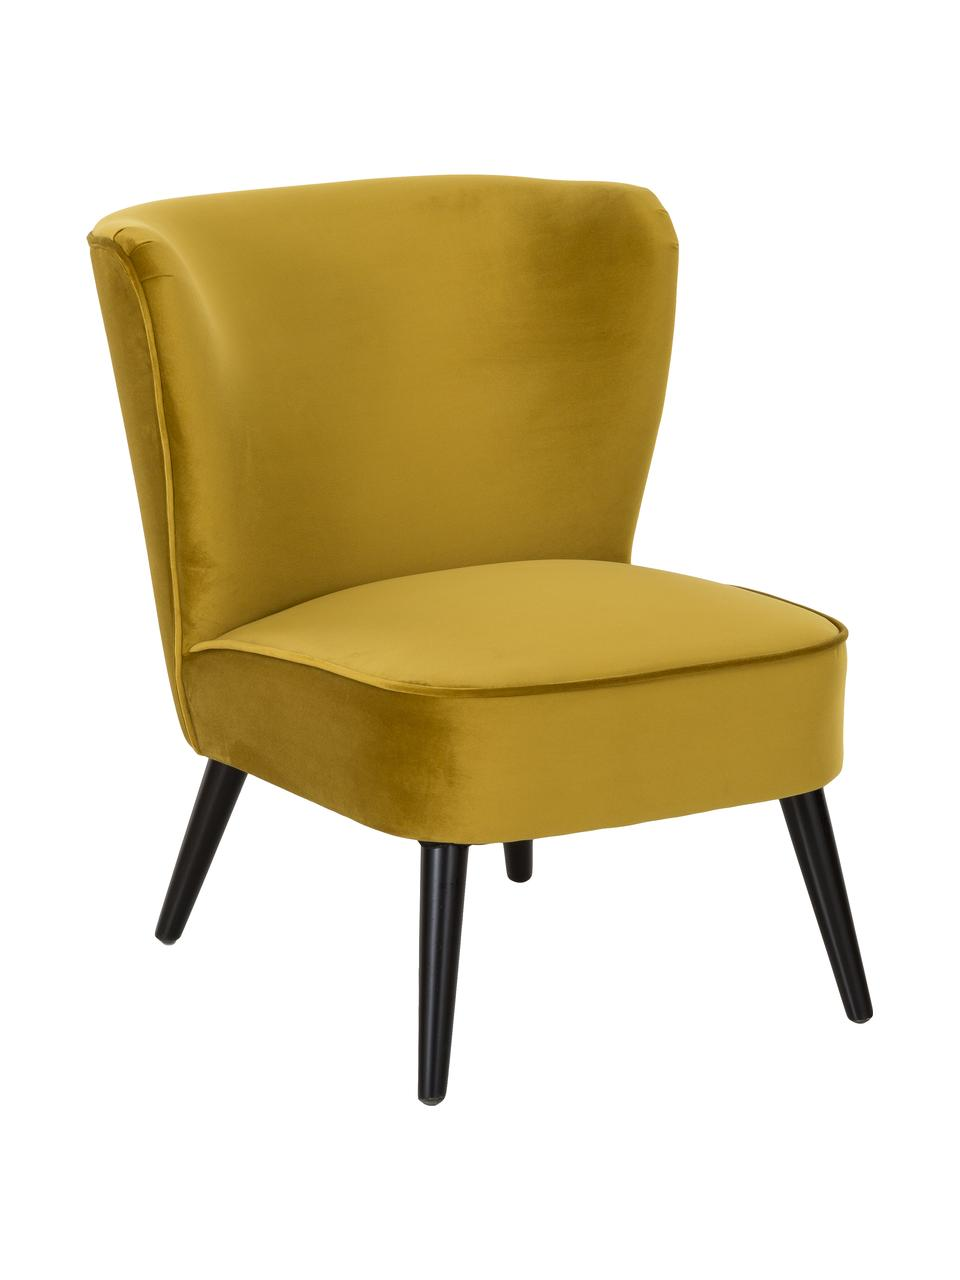 Fotel koktajlowy z aksamitu Robine, Tapicerka: aksamit (poliester) Dzięk, Nogi: drewno sosnowe, lakierowa, Aksamitny oliwkowy żółty, S 63 x G 73 cm